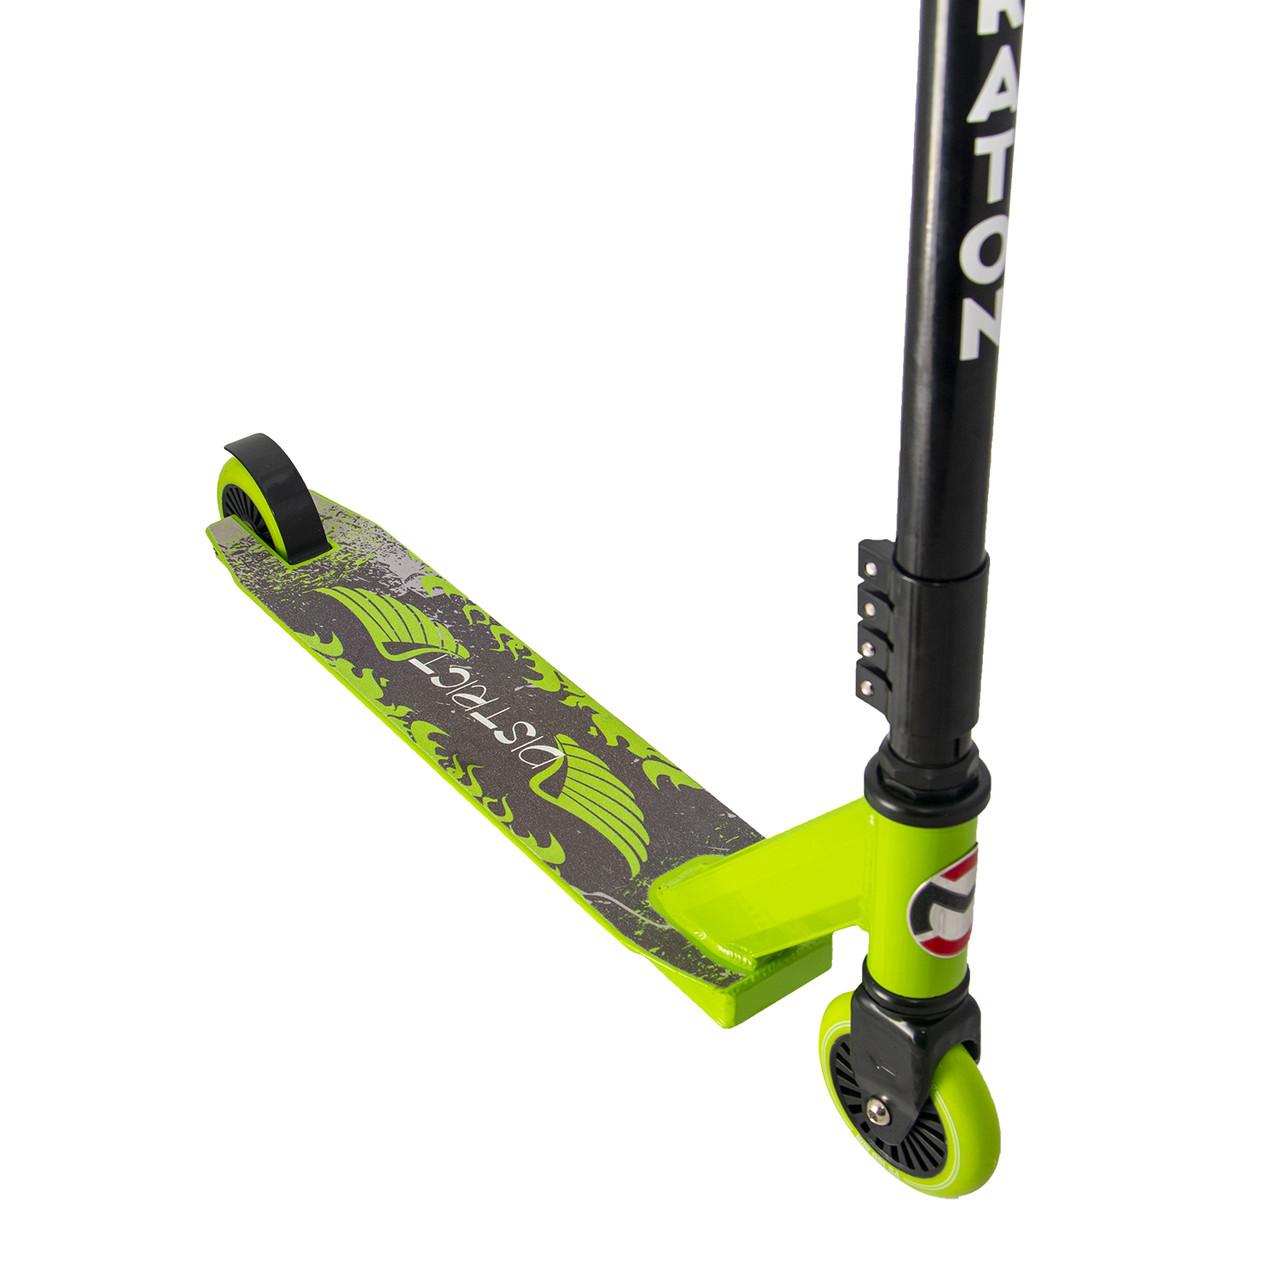 Самокат двухколесный Maraton District трюковый с алюминиевой рамой (зеленый)